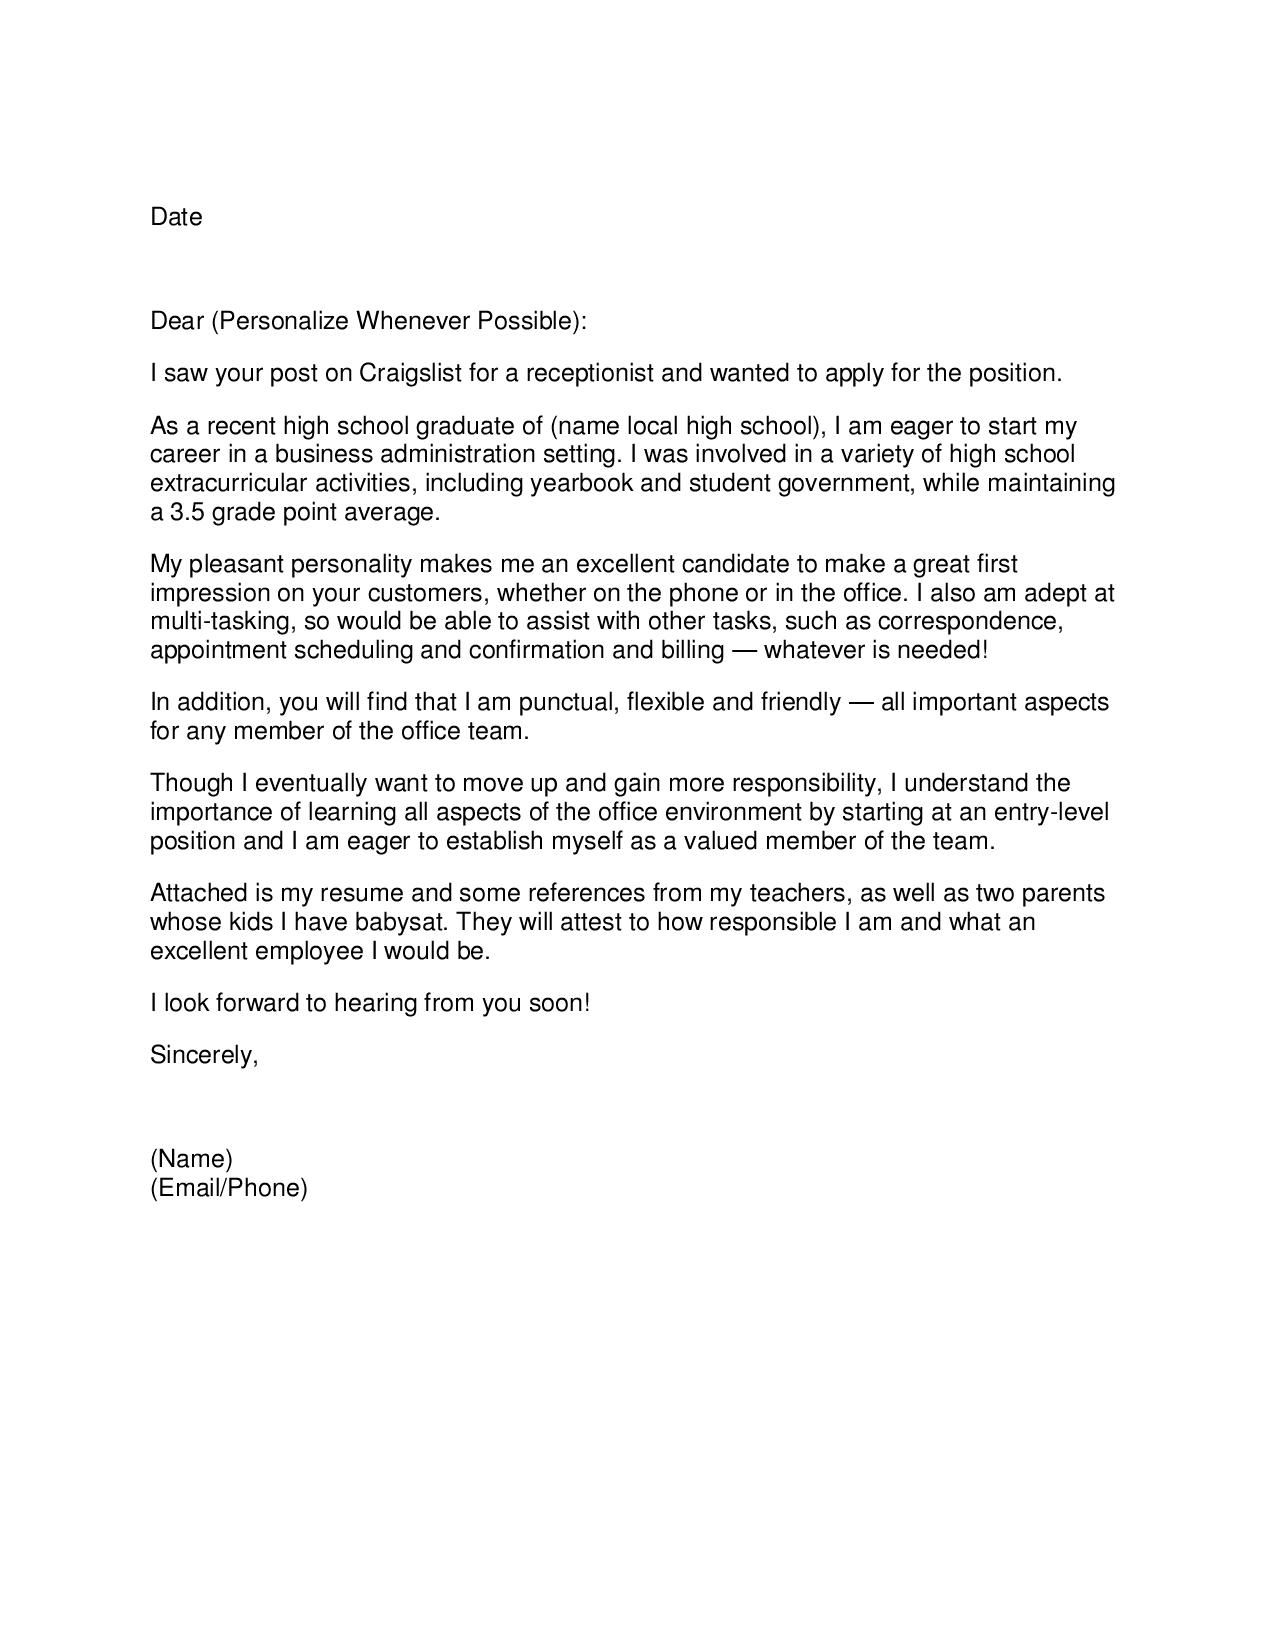 Physical Education Cover Letter Custom Resume Writing Cover Letter Resume  Cover Letter Sample For Builder Painter